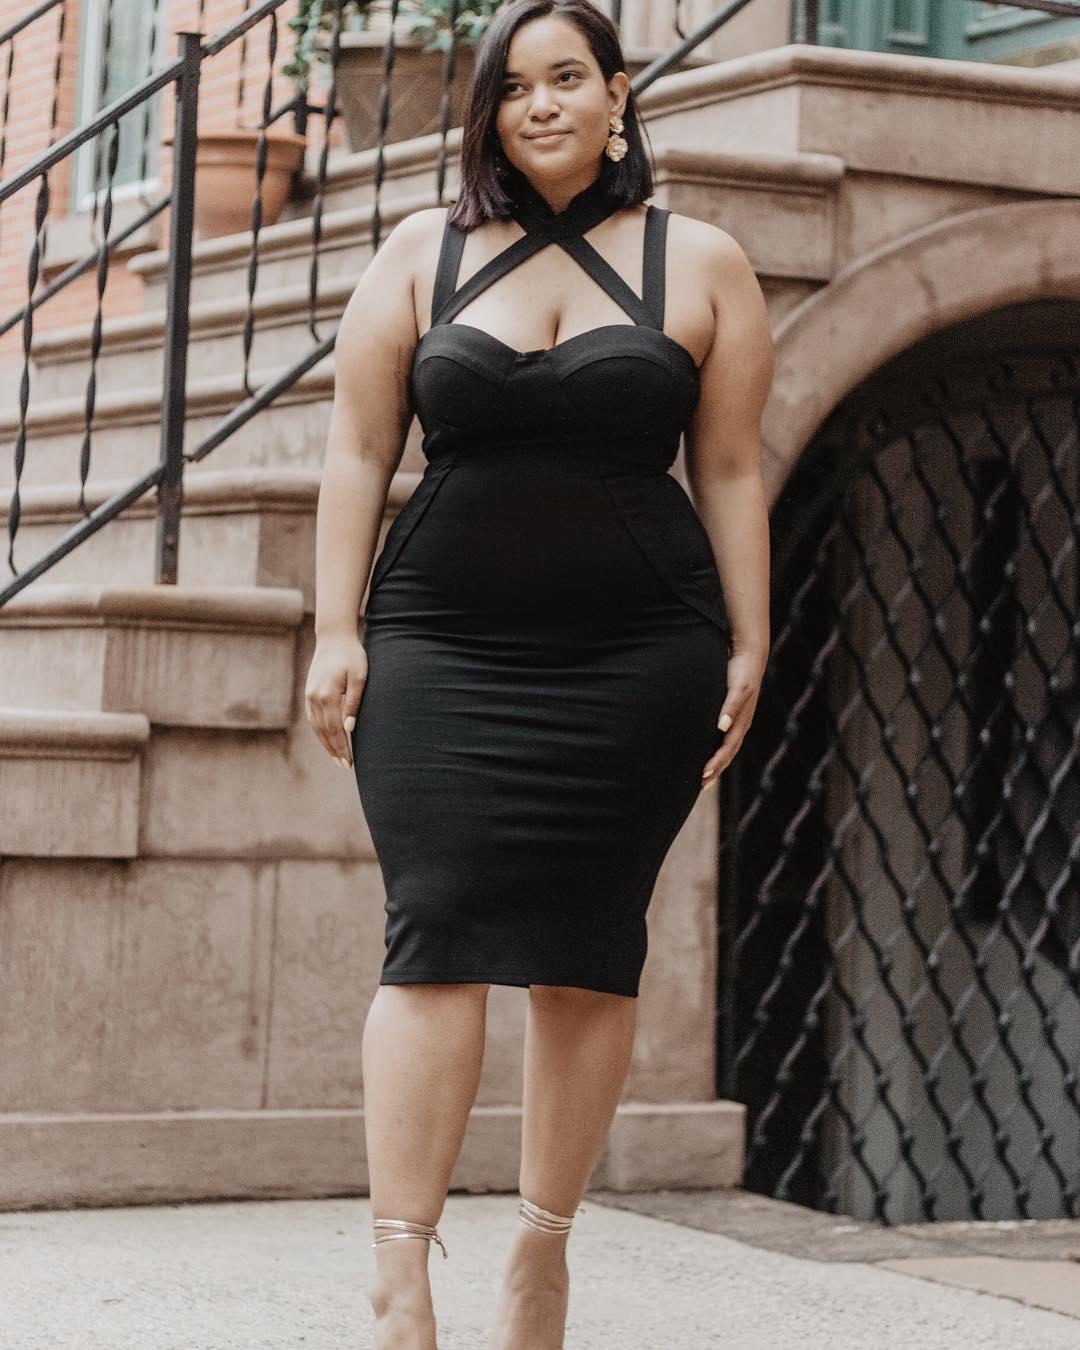 96e05fc69c07 Vestidos de festa plus size: 100 looks para arrasar em ocasiões ...